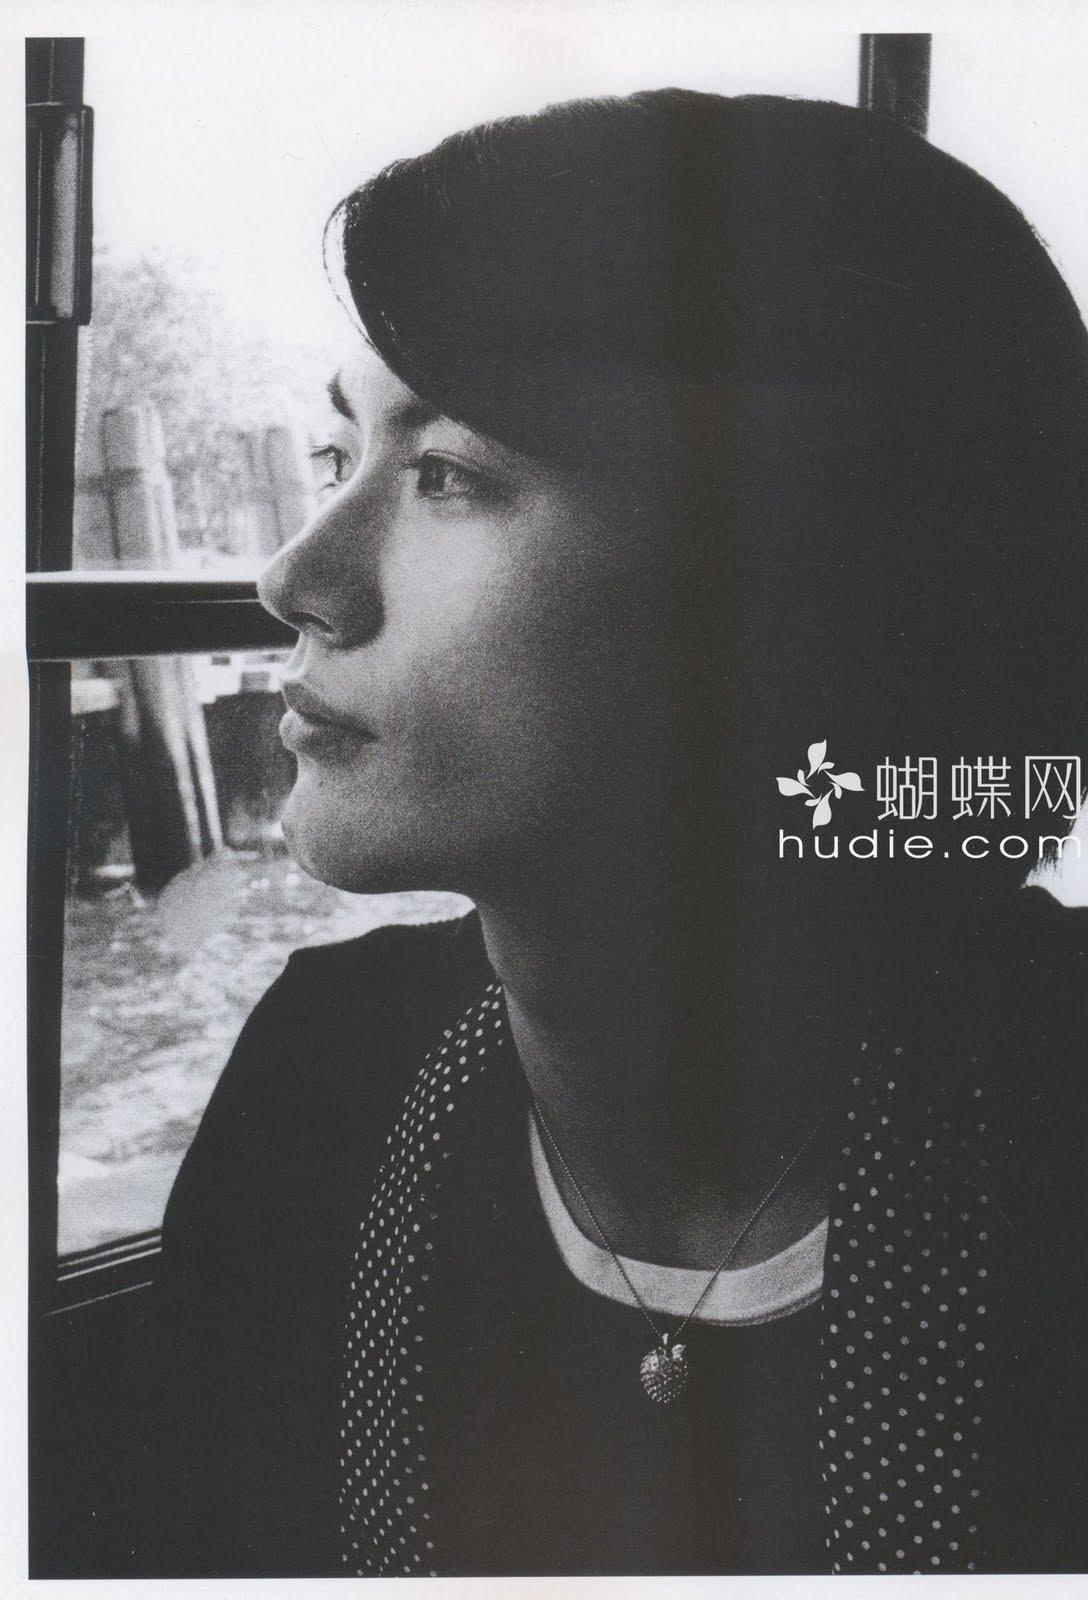 Miura Haruma 1+(83)